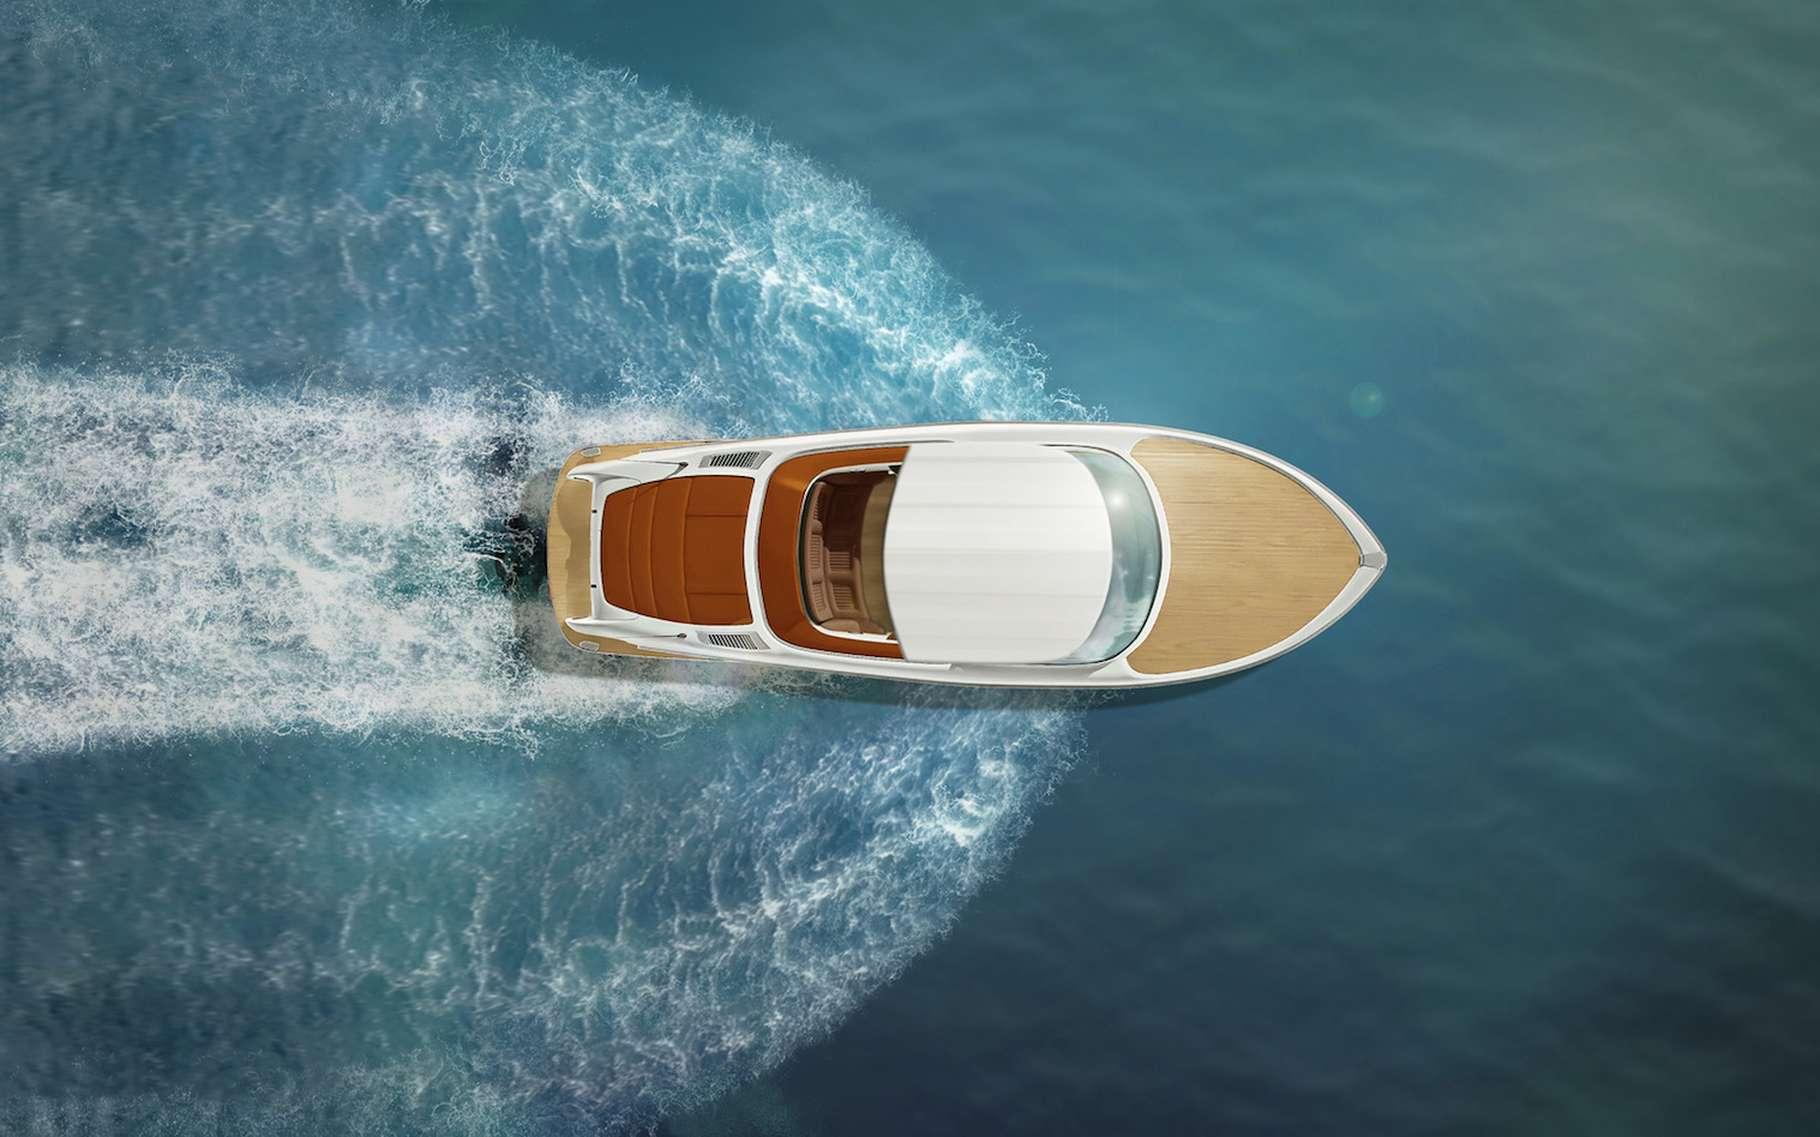 Un bateau avance sur l'eau de manière d'autant plus efficace que le frottement entre sa coque et l'eau est faible. Réduire cette traînée permettrait de réaliser d'importantes économies d'énergie. © emiliau, Fotolia